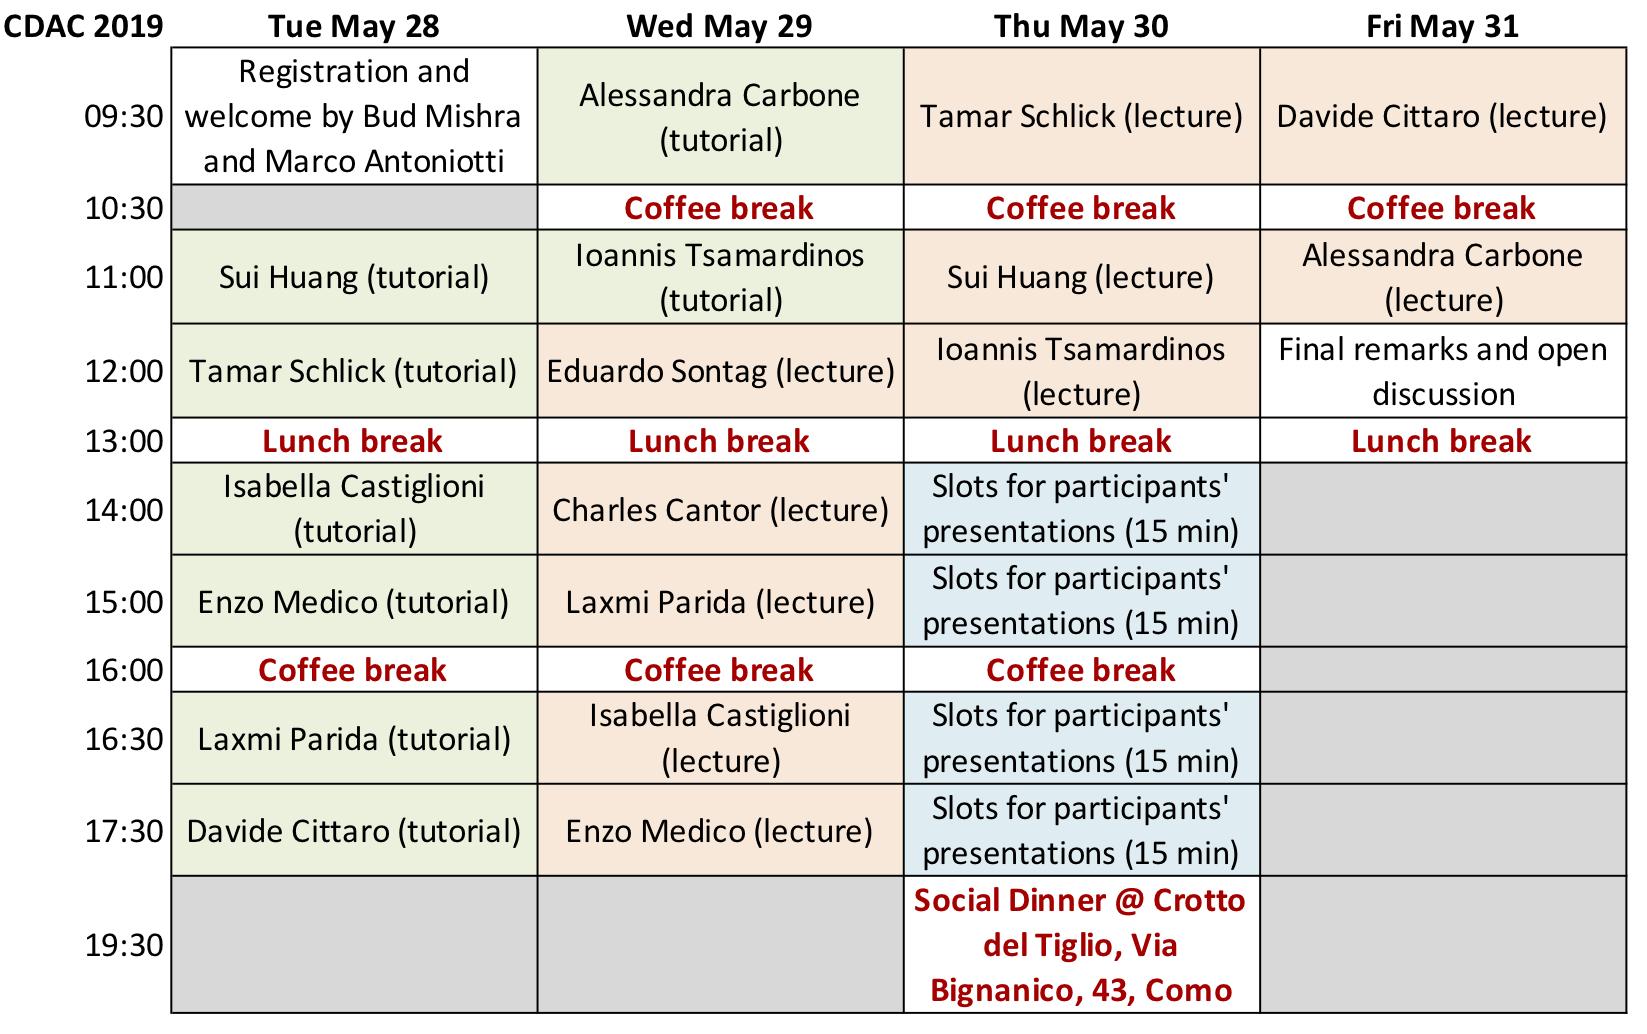 2019 CDAC Schedule